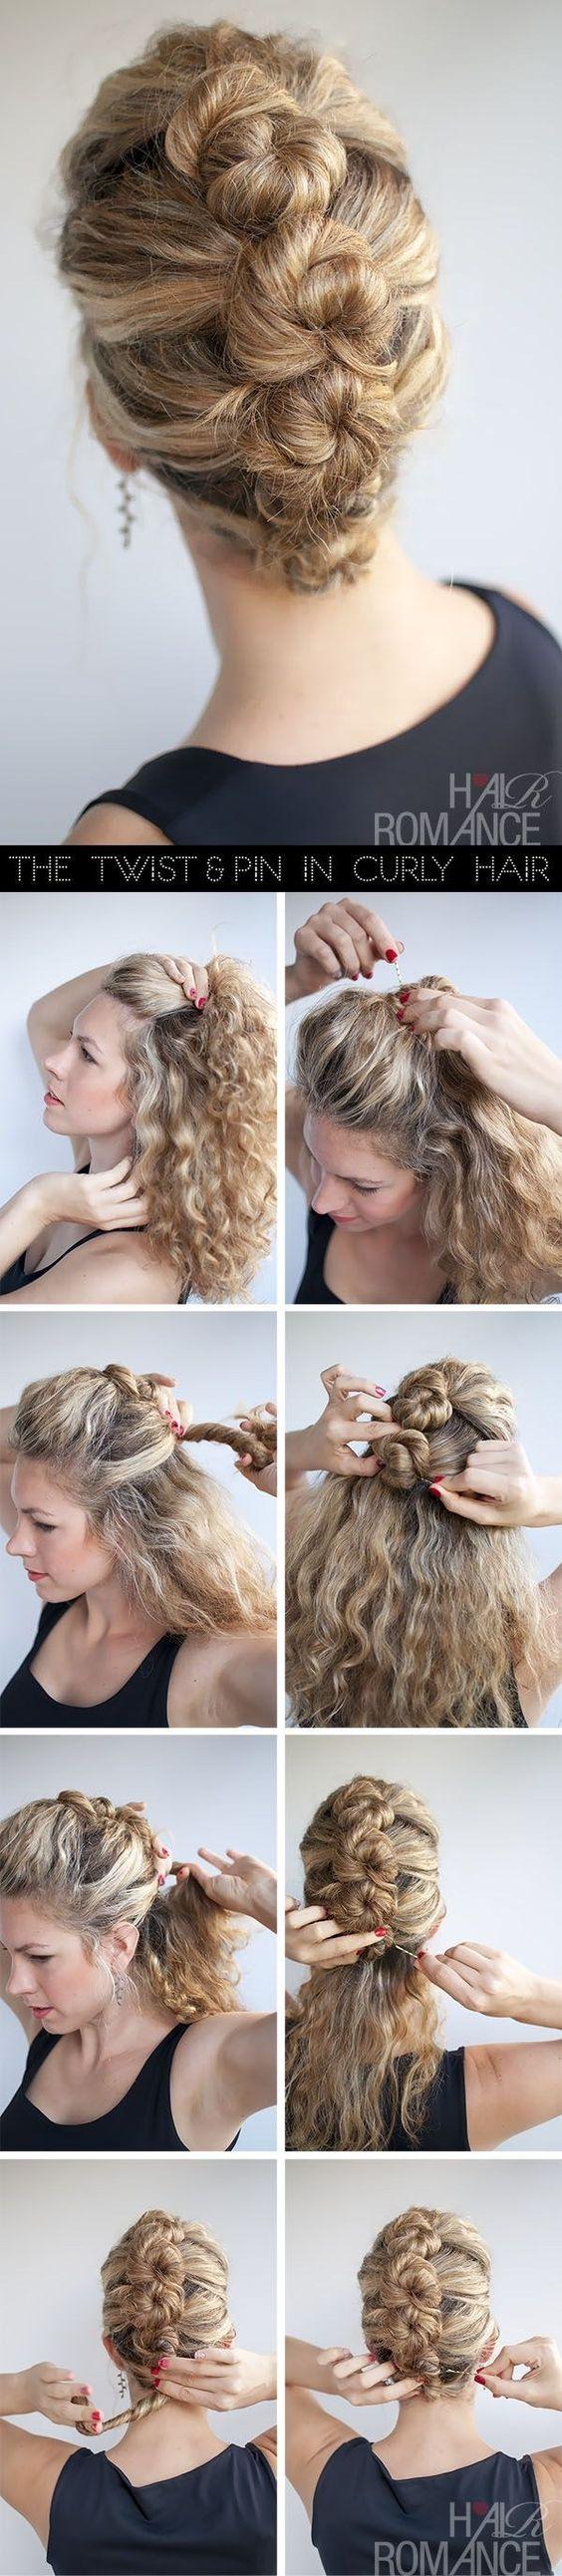 Ou, crie essa bela linha de coque para um visual fofo. | 17 penteados lindos para cabelos naturalmente cacheados: